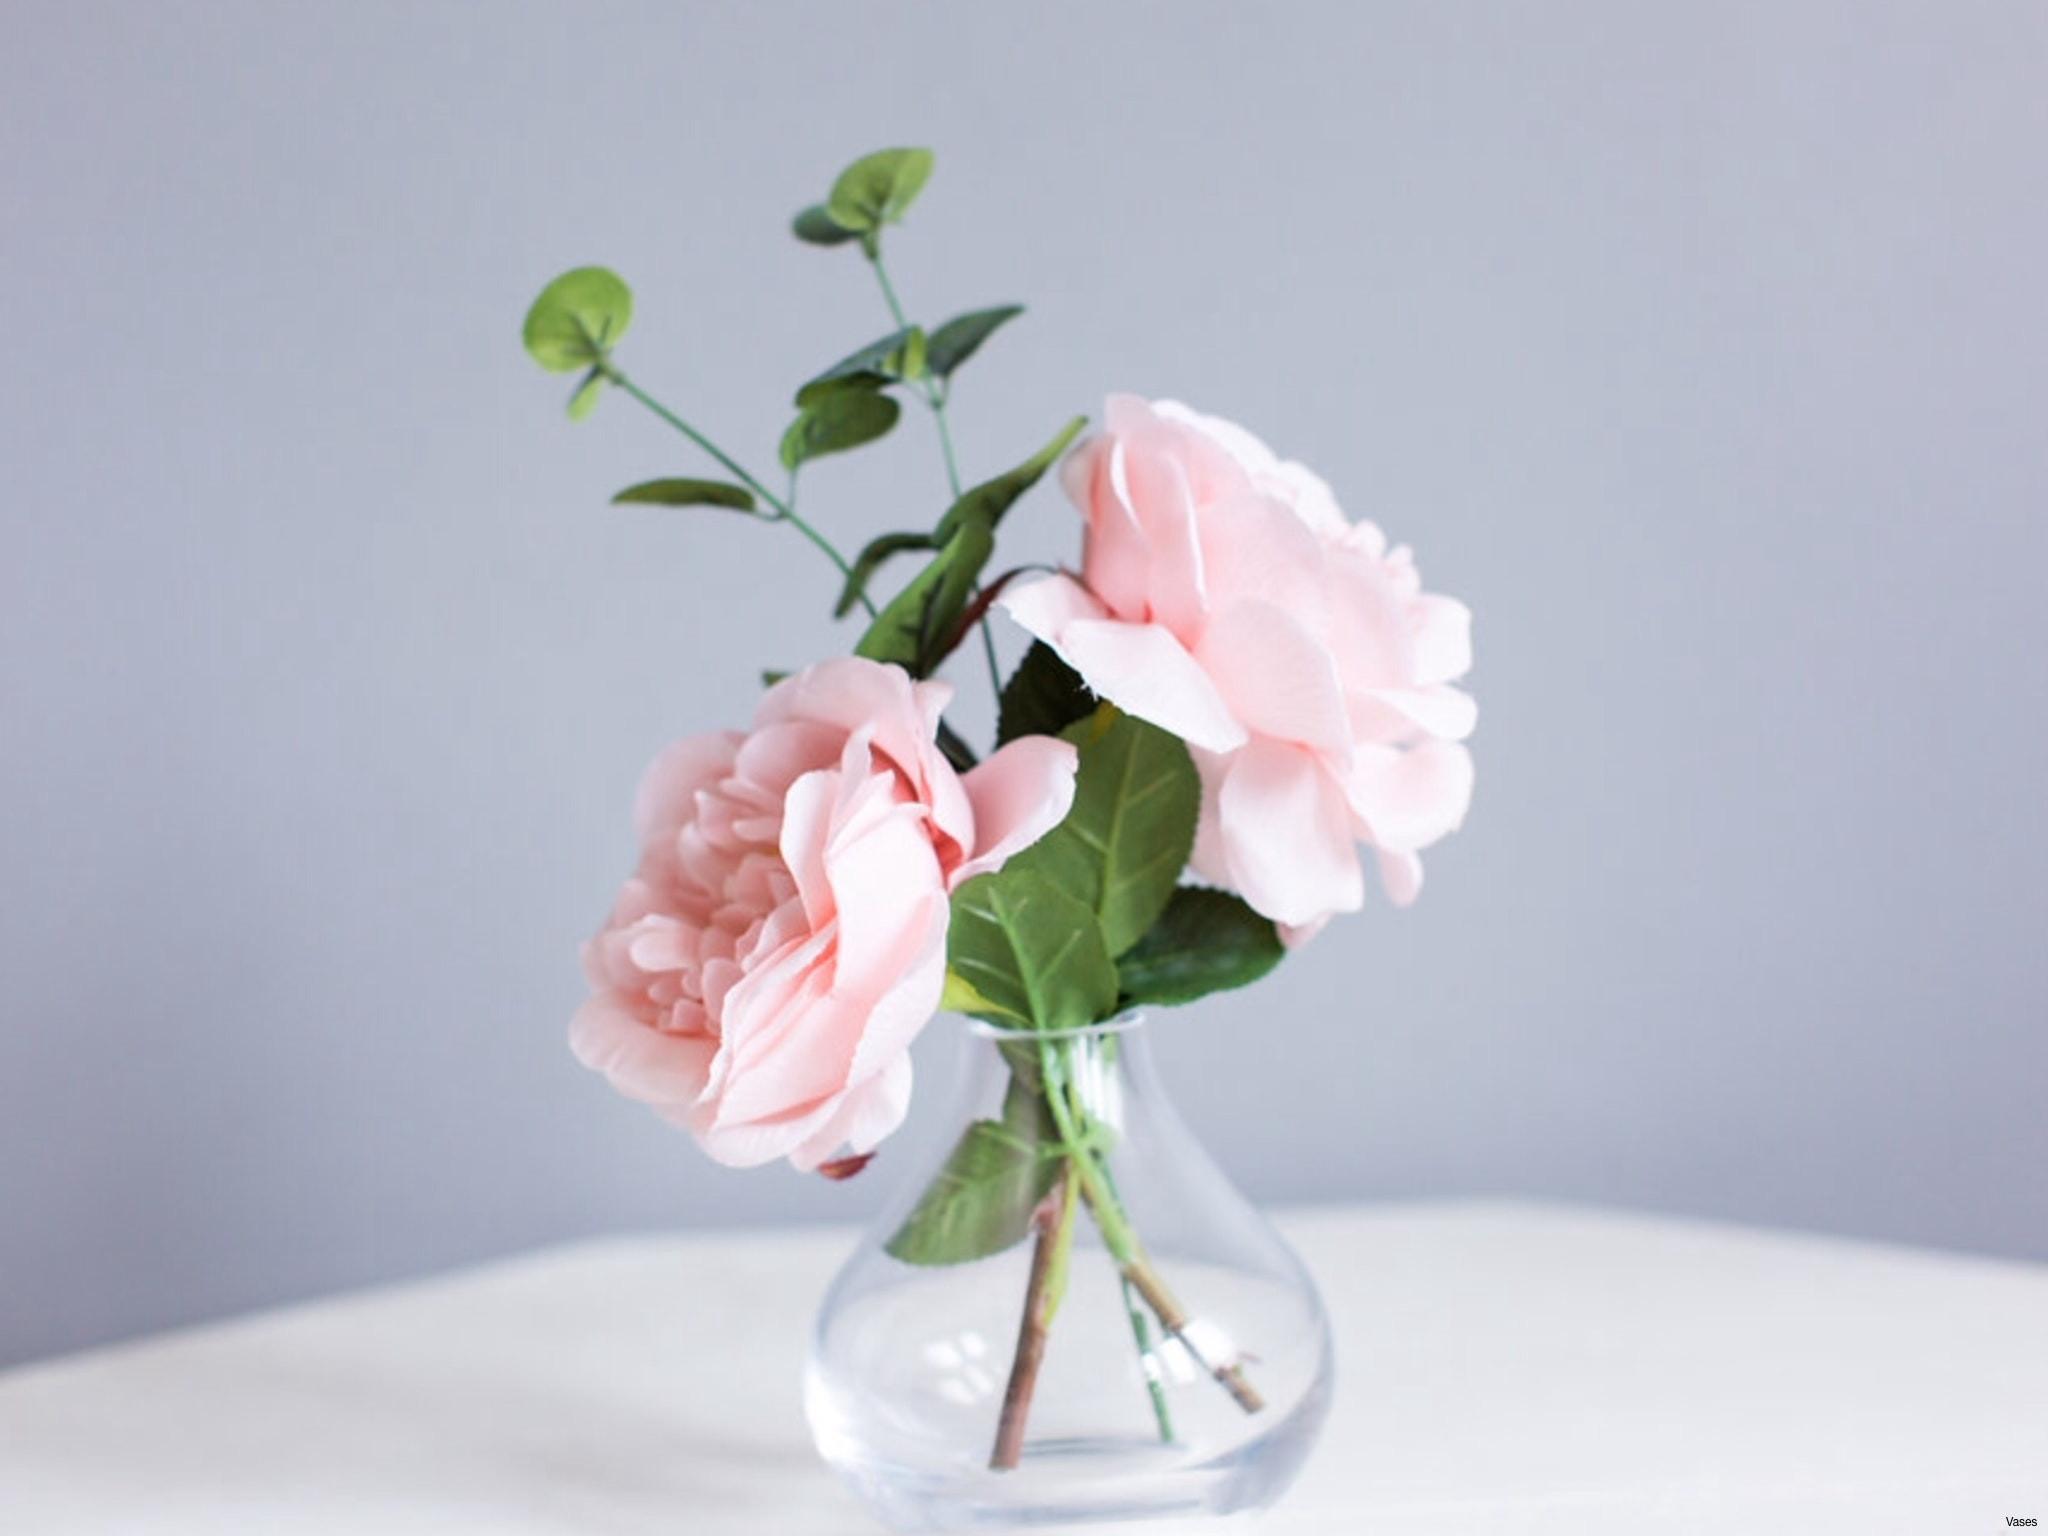 vintage rose colored glass vase of 10 fresh colored glass bud vases bogekompresorturkiye com for h vases bud vase flower arrangements i 0d for inspiration design design ideas vases and